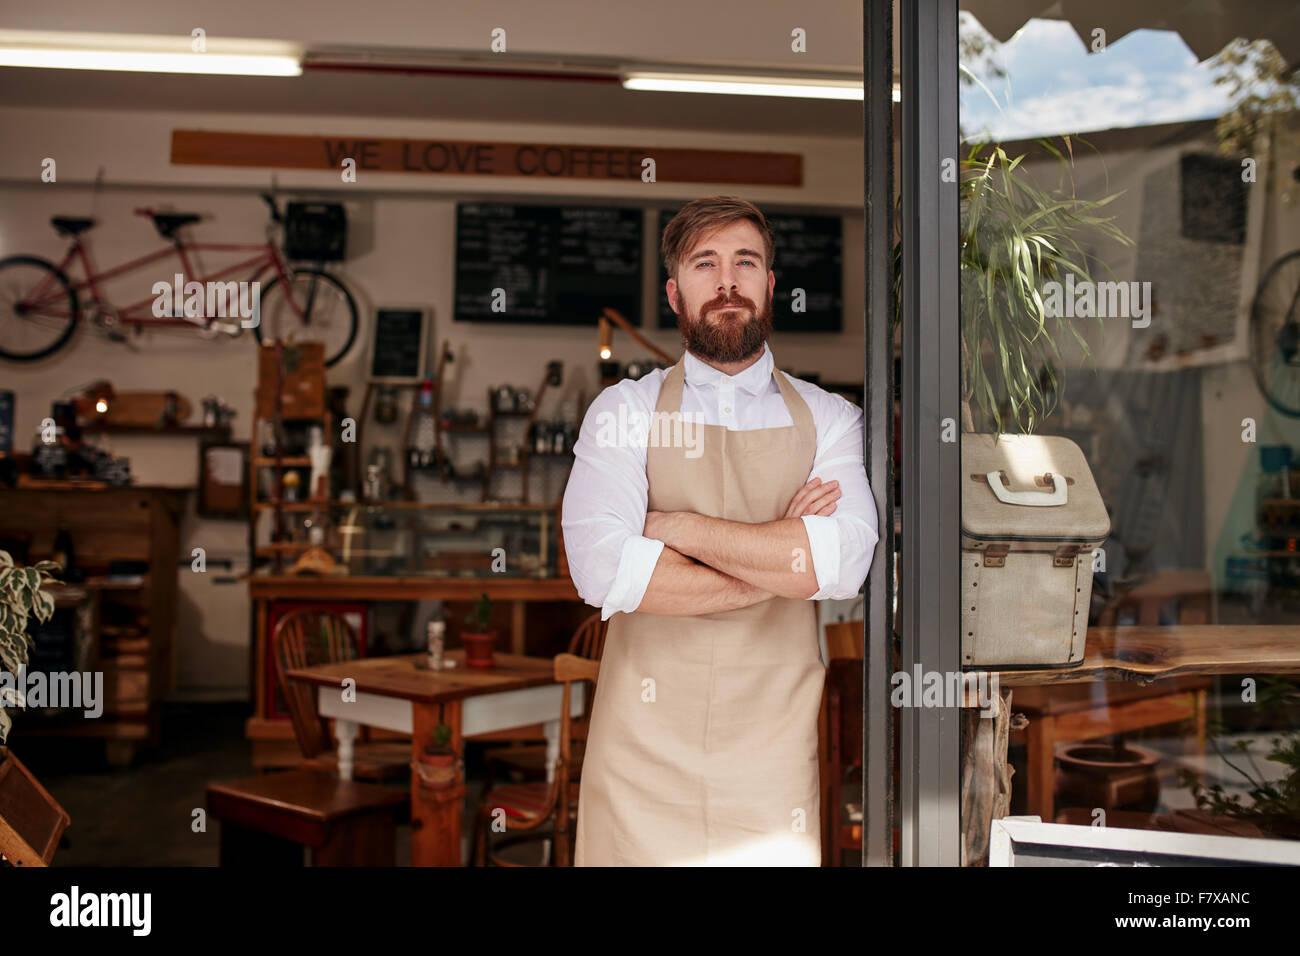 Colpo di cafe proprietario orgogliosamente in piedi nel vano della porta del suo ristorante. Giovane uomo che indossa Immagini Stock